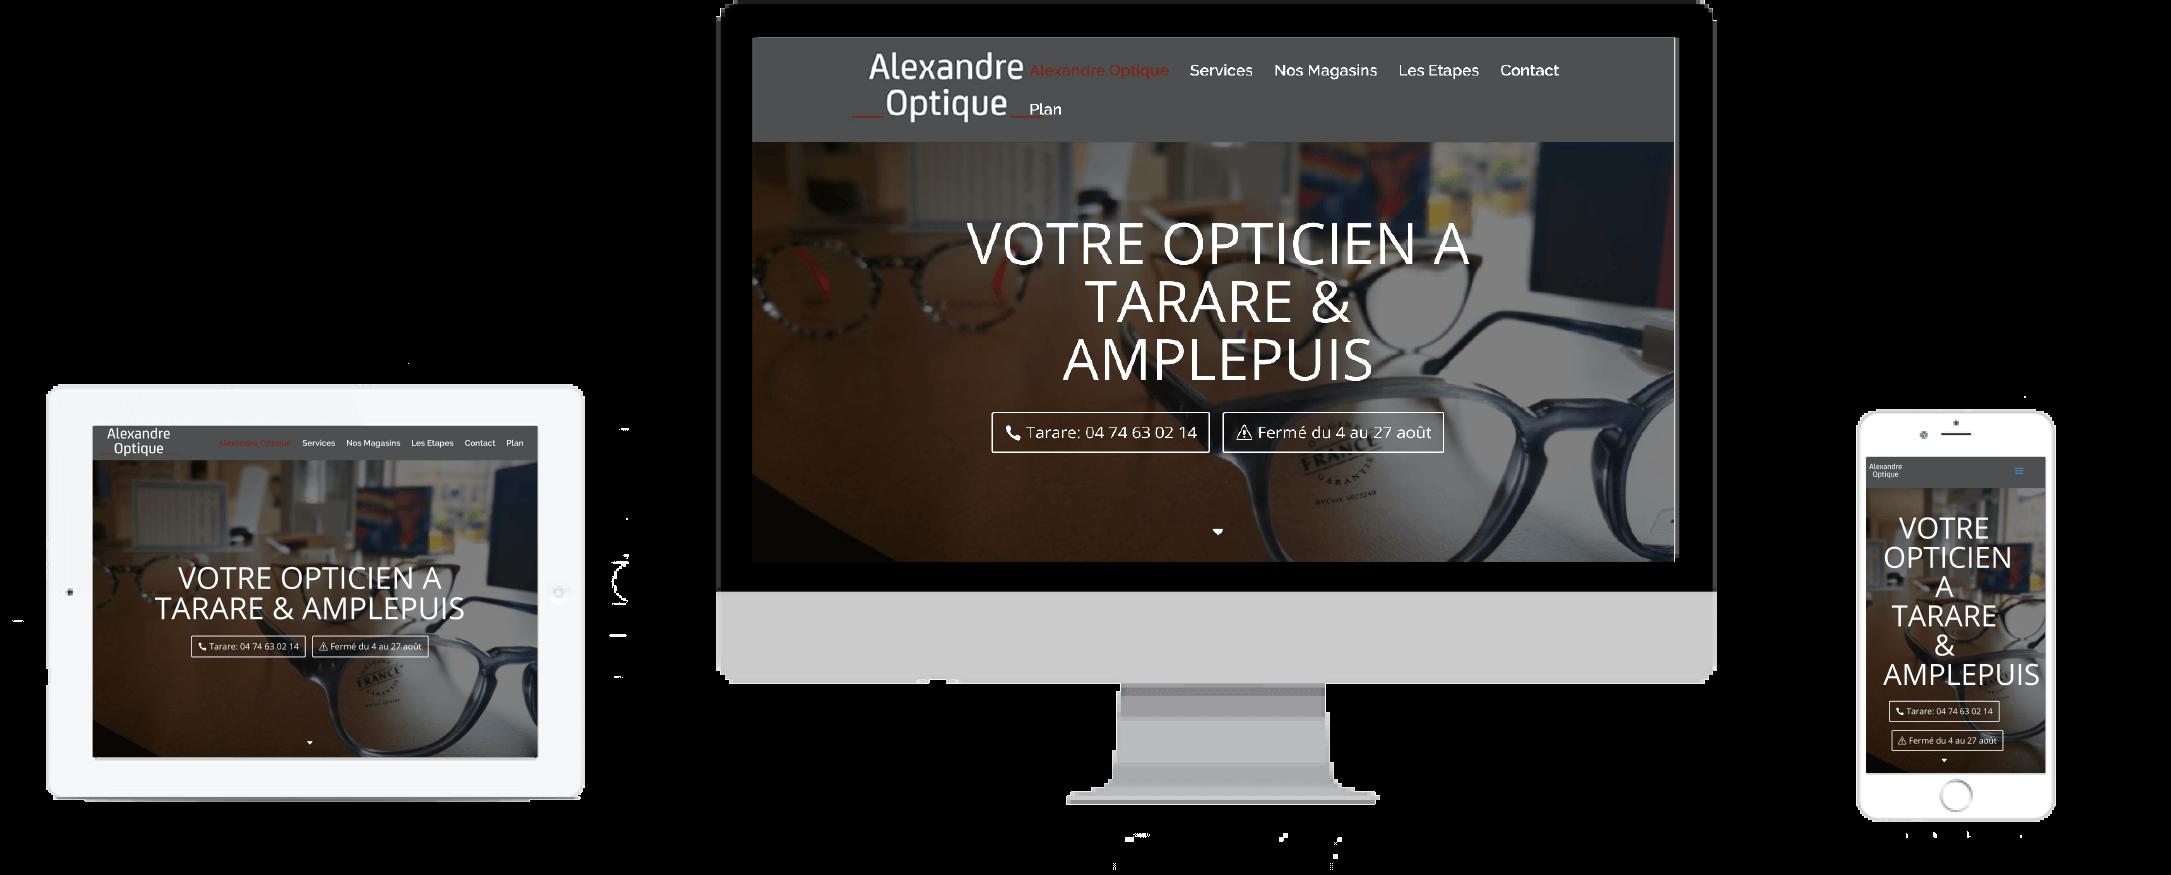 1e54a27625a1c7 Merci à l opticien Alexandre Optique de nous avoir confié la création du  site internet.